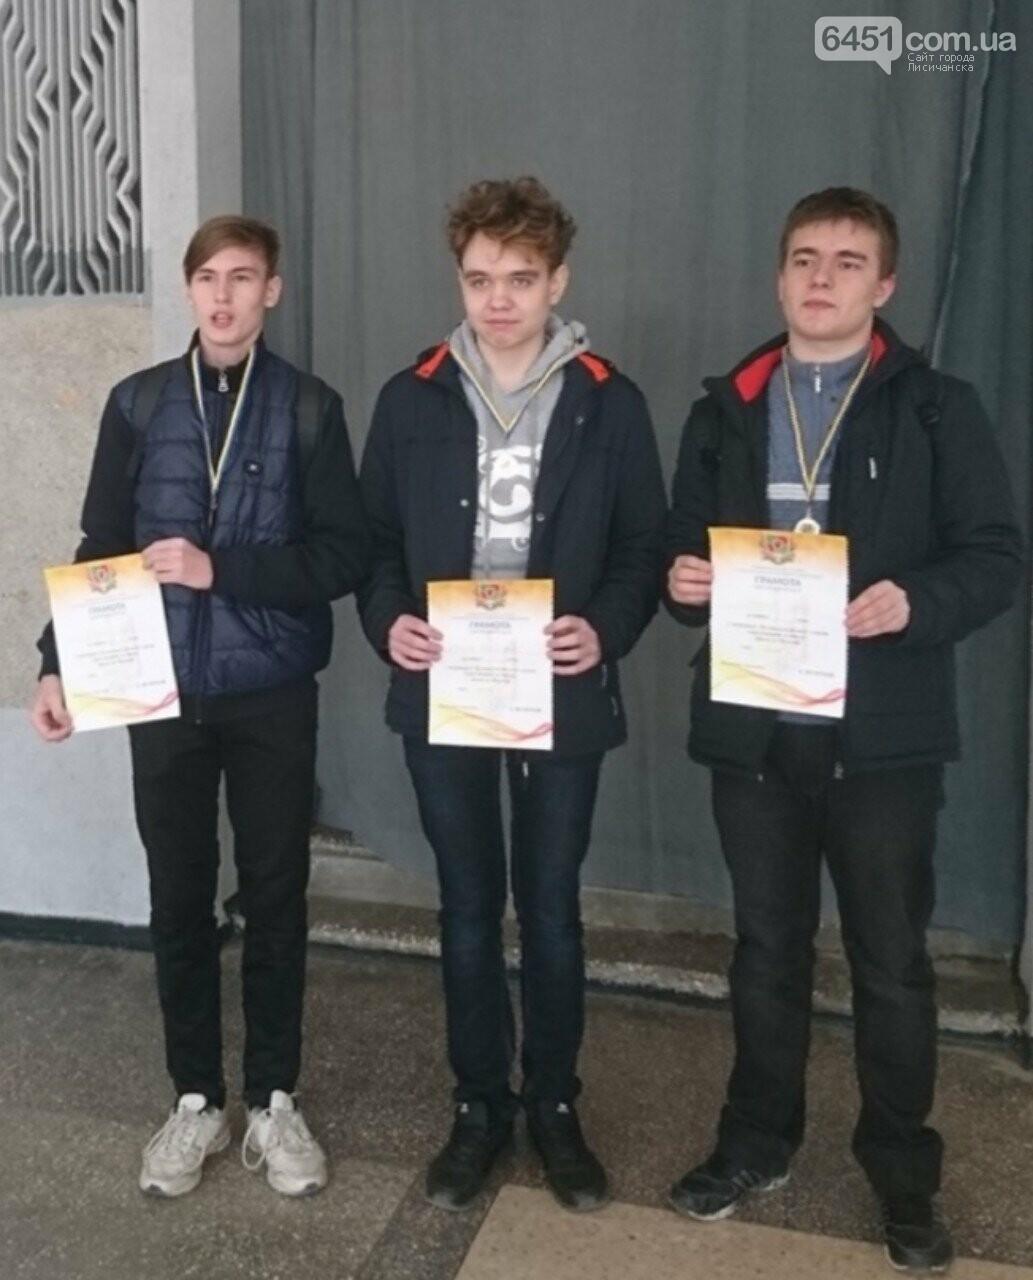 Лисичанин Артем Супрунов - серебряный призер чемпионата Луганской области по шахматам среди юношей и девушек, фото-2